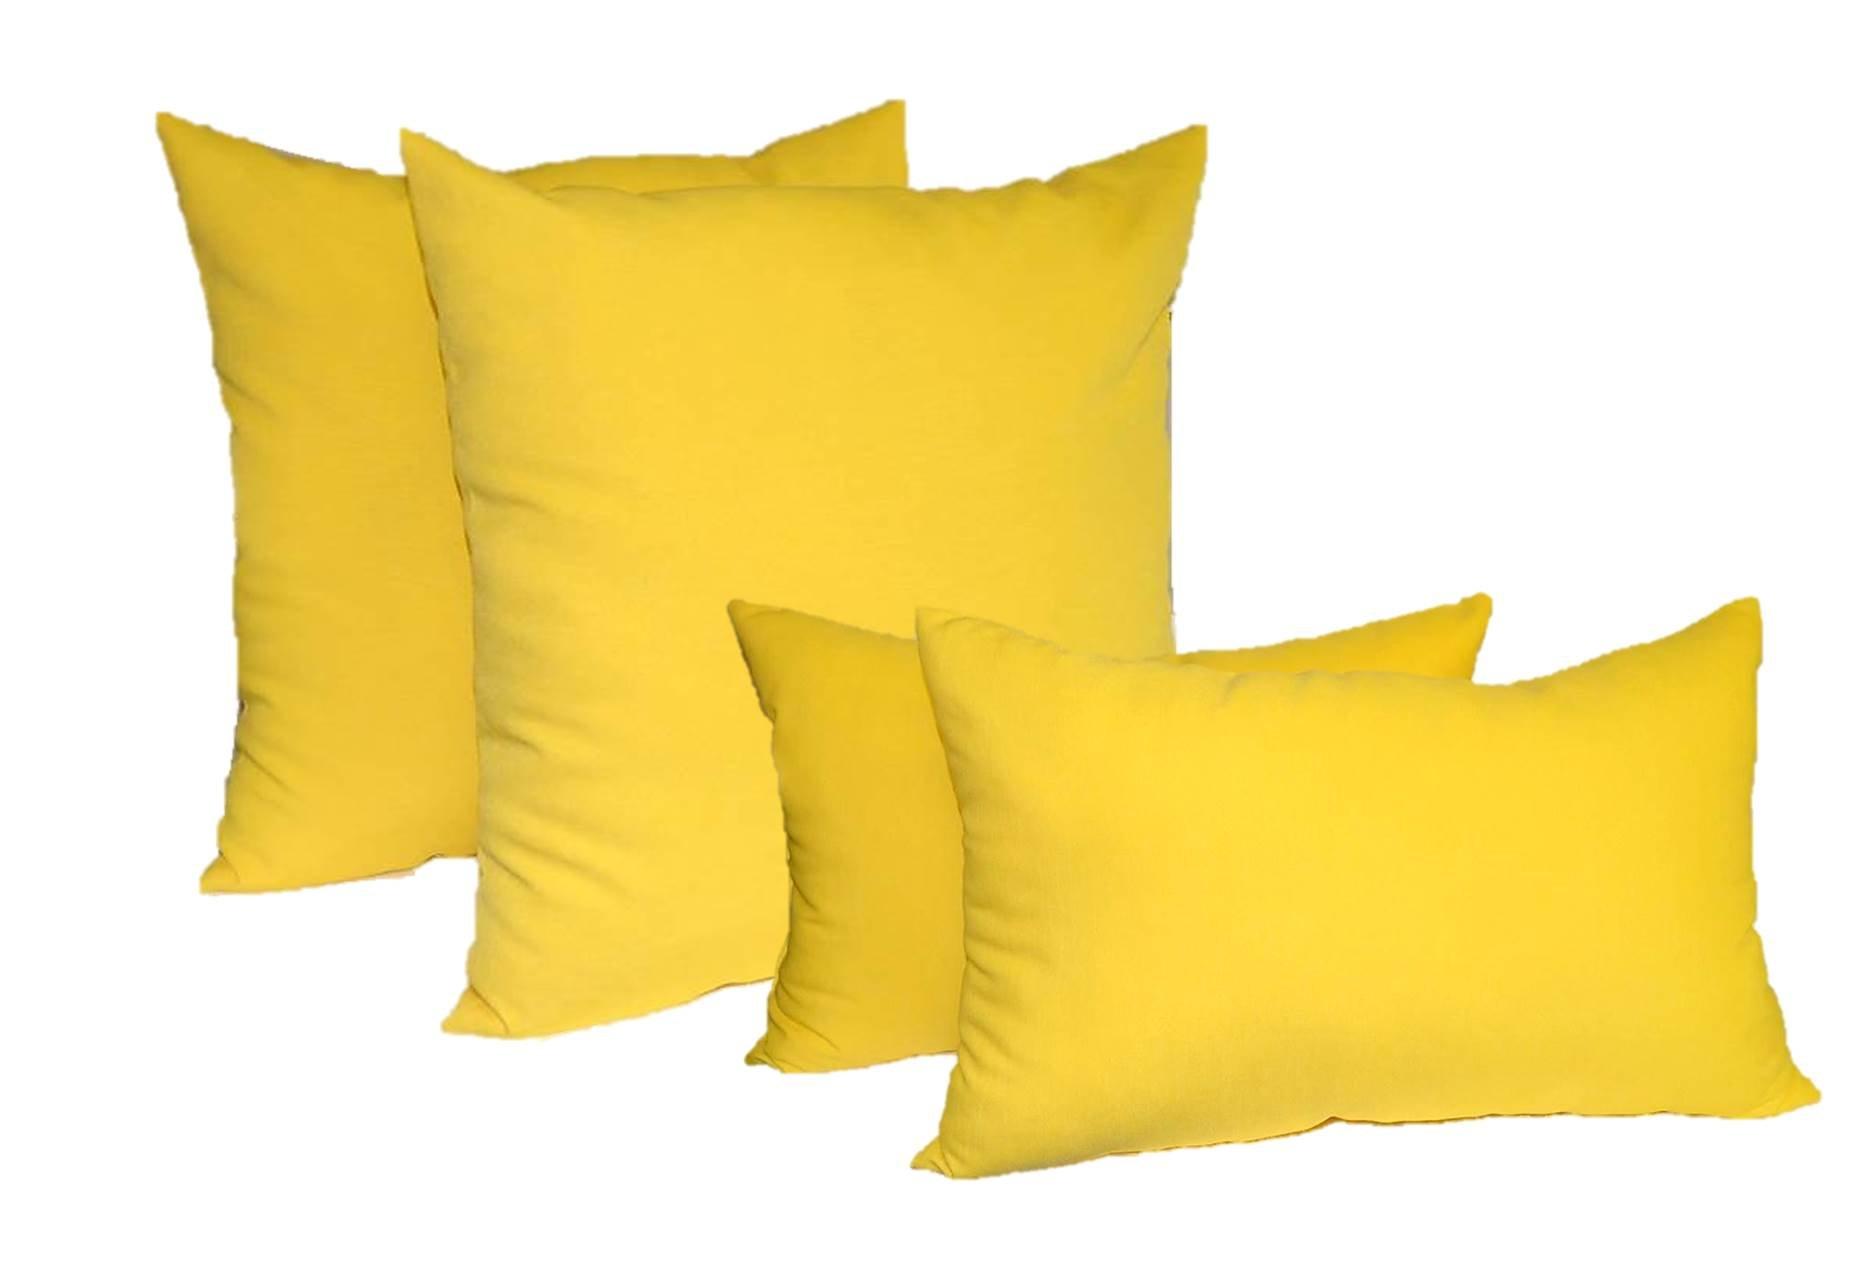 Set of 4 Indoor / Outdoor Pillows - 2 Square Pillows & 2 Rectangle / Lumbar Decorative Throw Pillows - Solid Yellow (20'' x 20'' square & 11'' x 19'' lumbar)